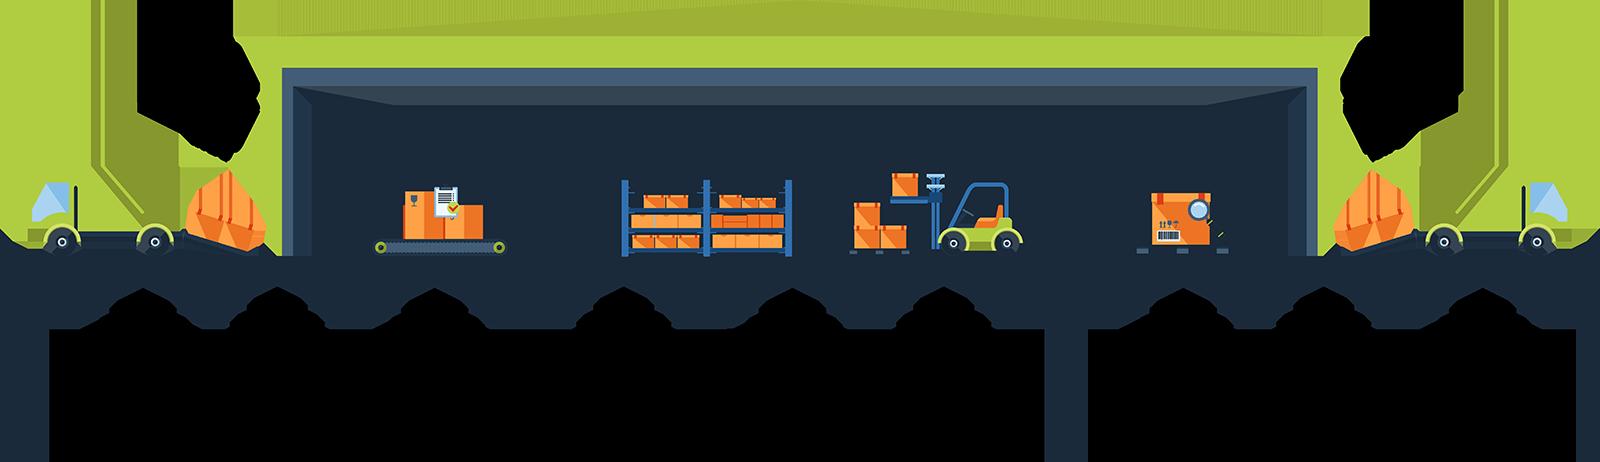 wms warehouse management system Automatizare de la intrarea marfurilor in depozit si pana la livrarea comenzilor